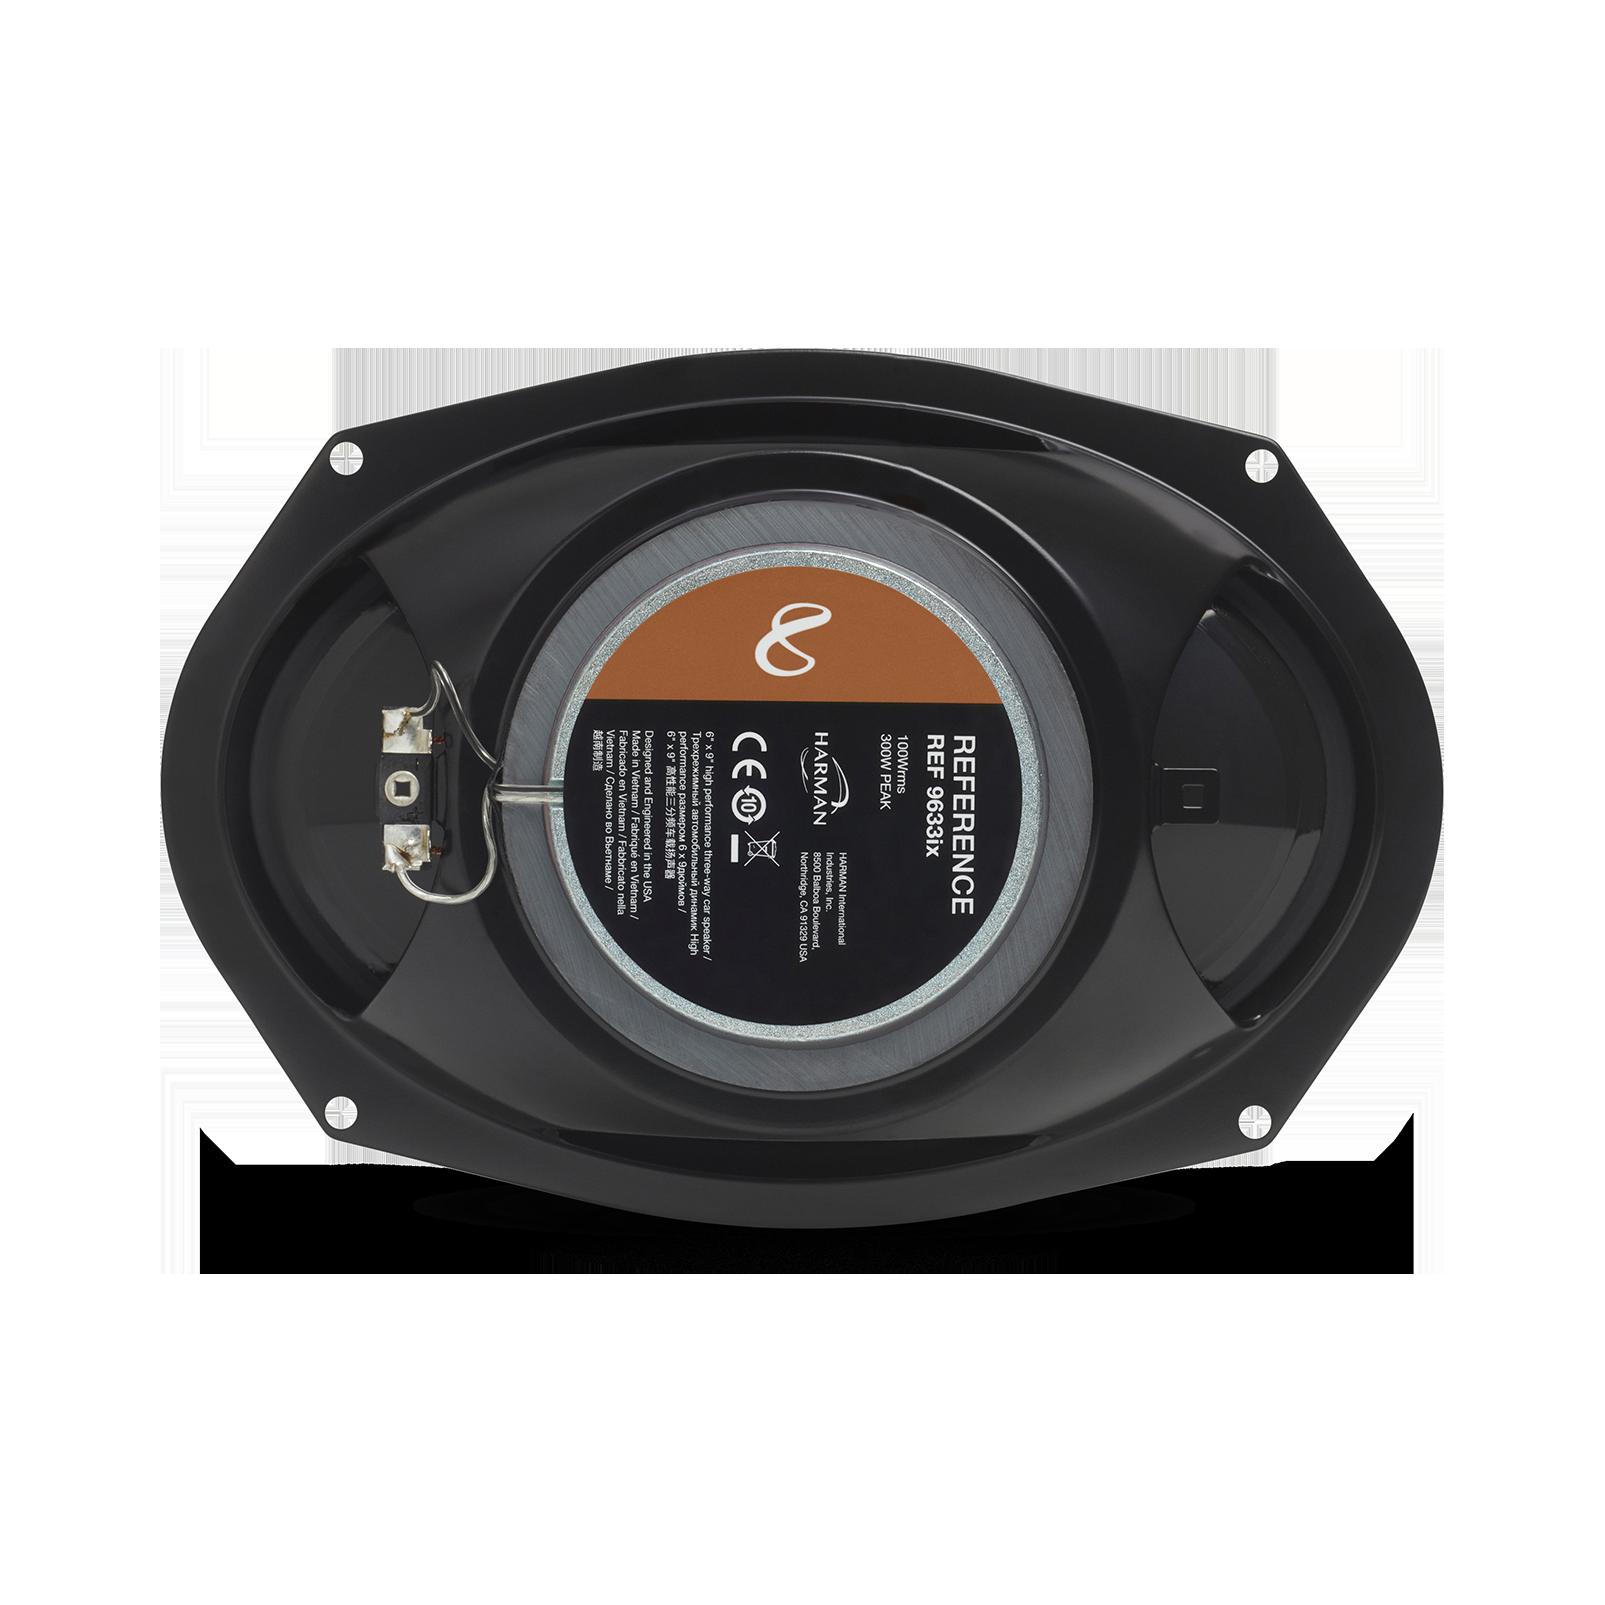 """Reference 9633ix - Black - 6"""" x 9"""" (152mm x 230mm) 3-way car speaker, 300W - Back"""